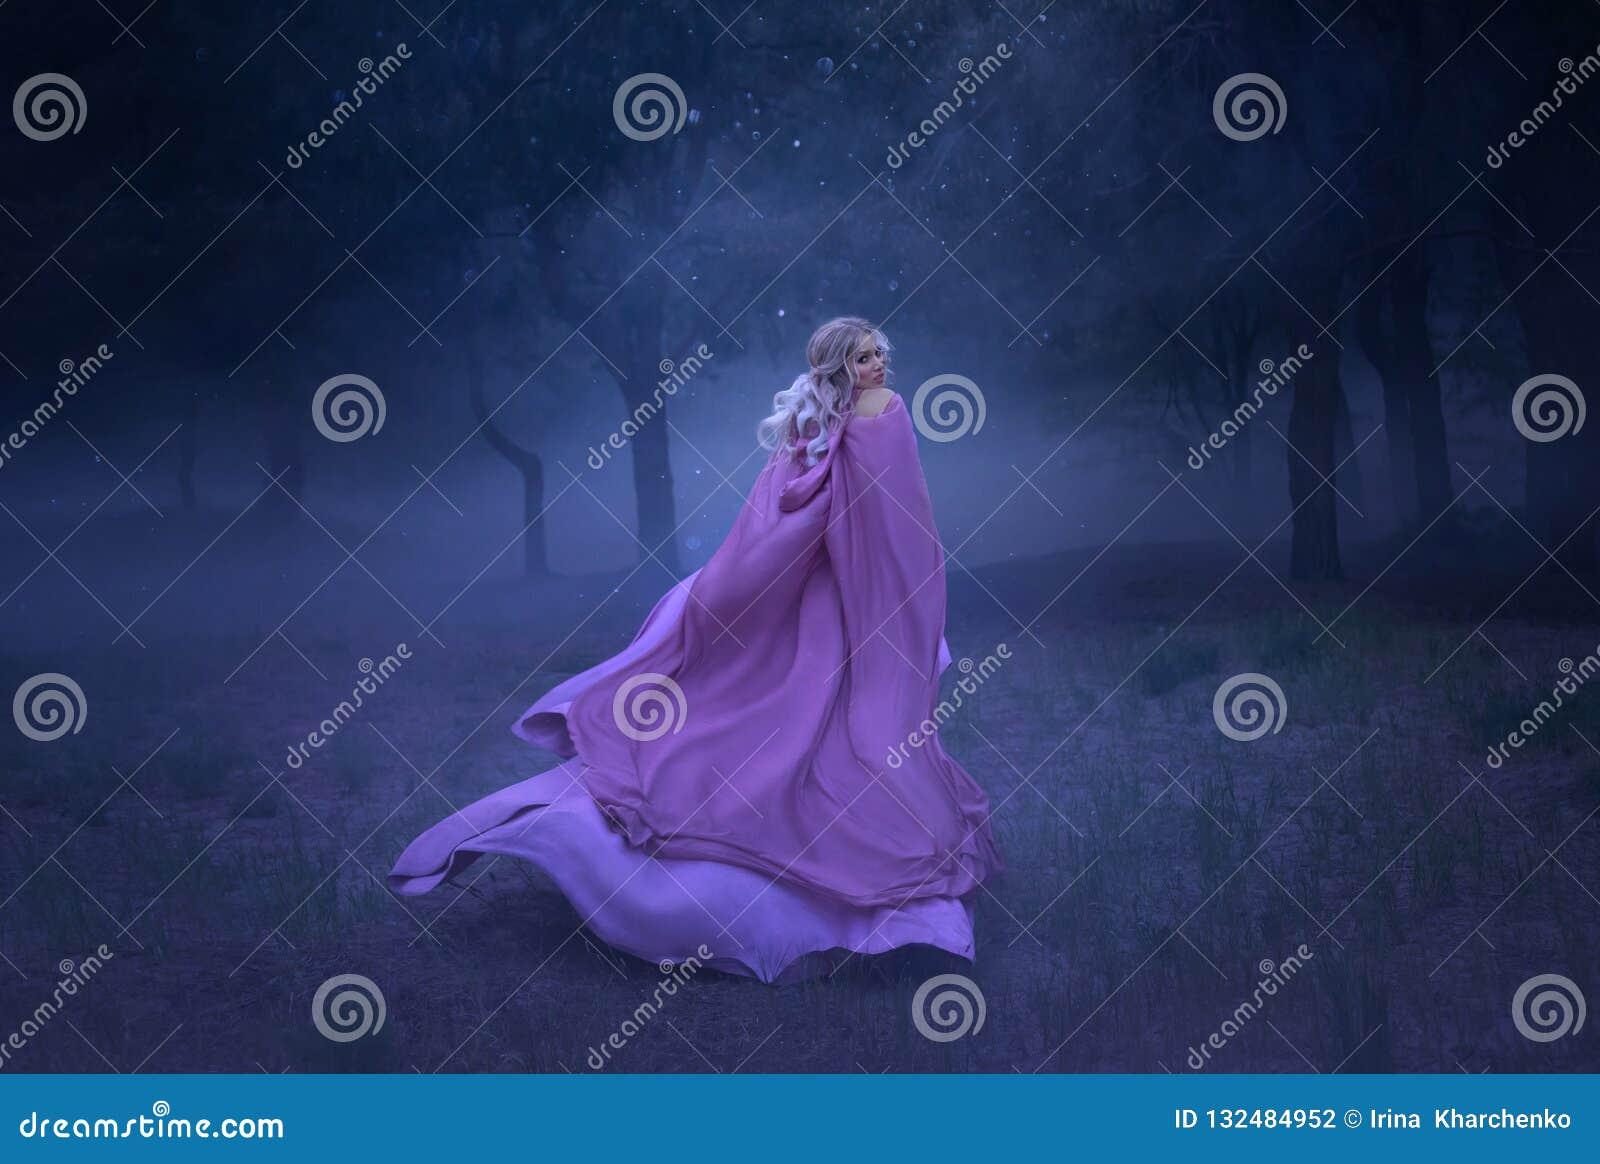 En ursnygg ung älvaprinsessa med blont hår, som flyr i en skog mycket av vit mist som är iklätt ett långt som är dyr